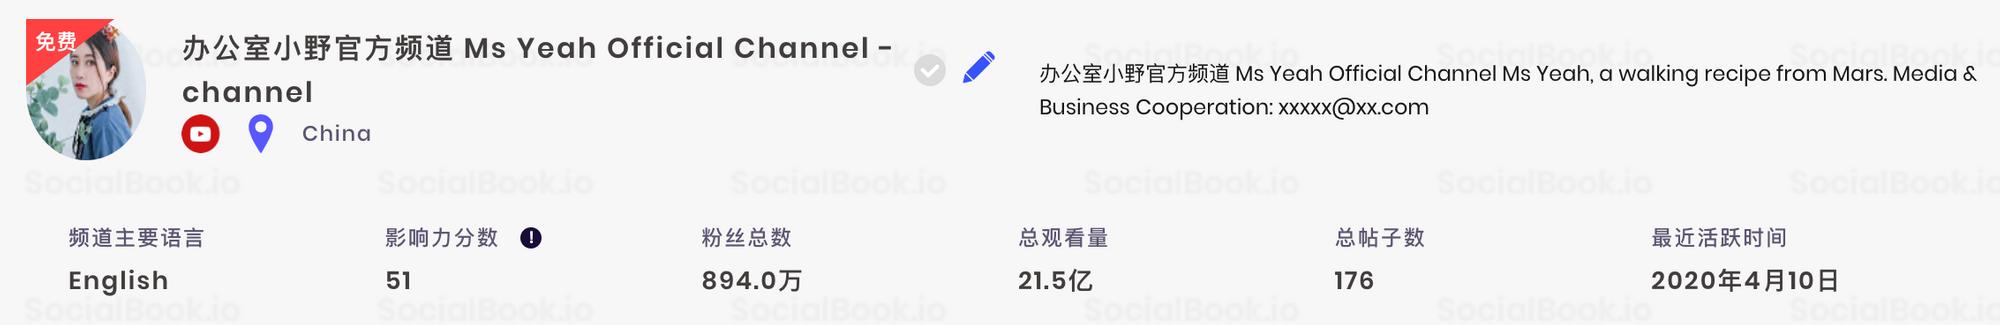 办公司小野YouTube粉丝